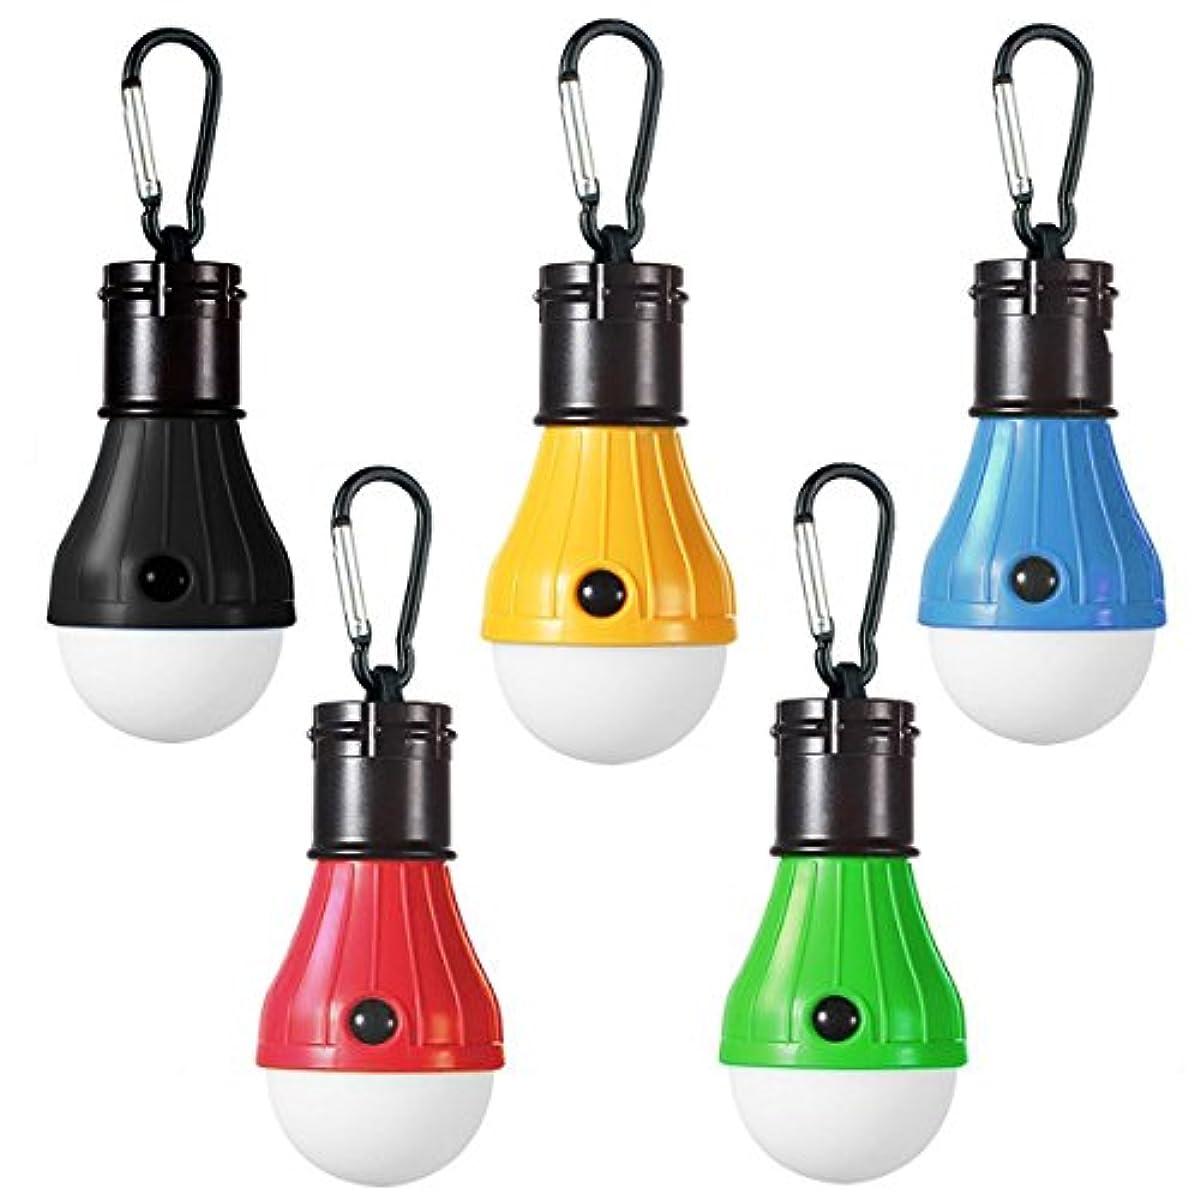 [해외] LED랜턴 아웃도어용 매닮 3 LED 옥외 캠프 텐트 라이트 전구 낚시 랜턴 포터블 회중전등 낚시 초롱제등